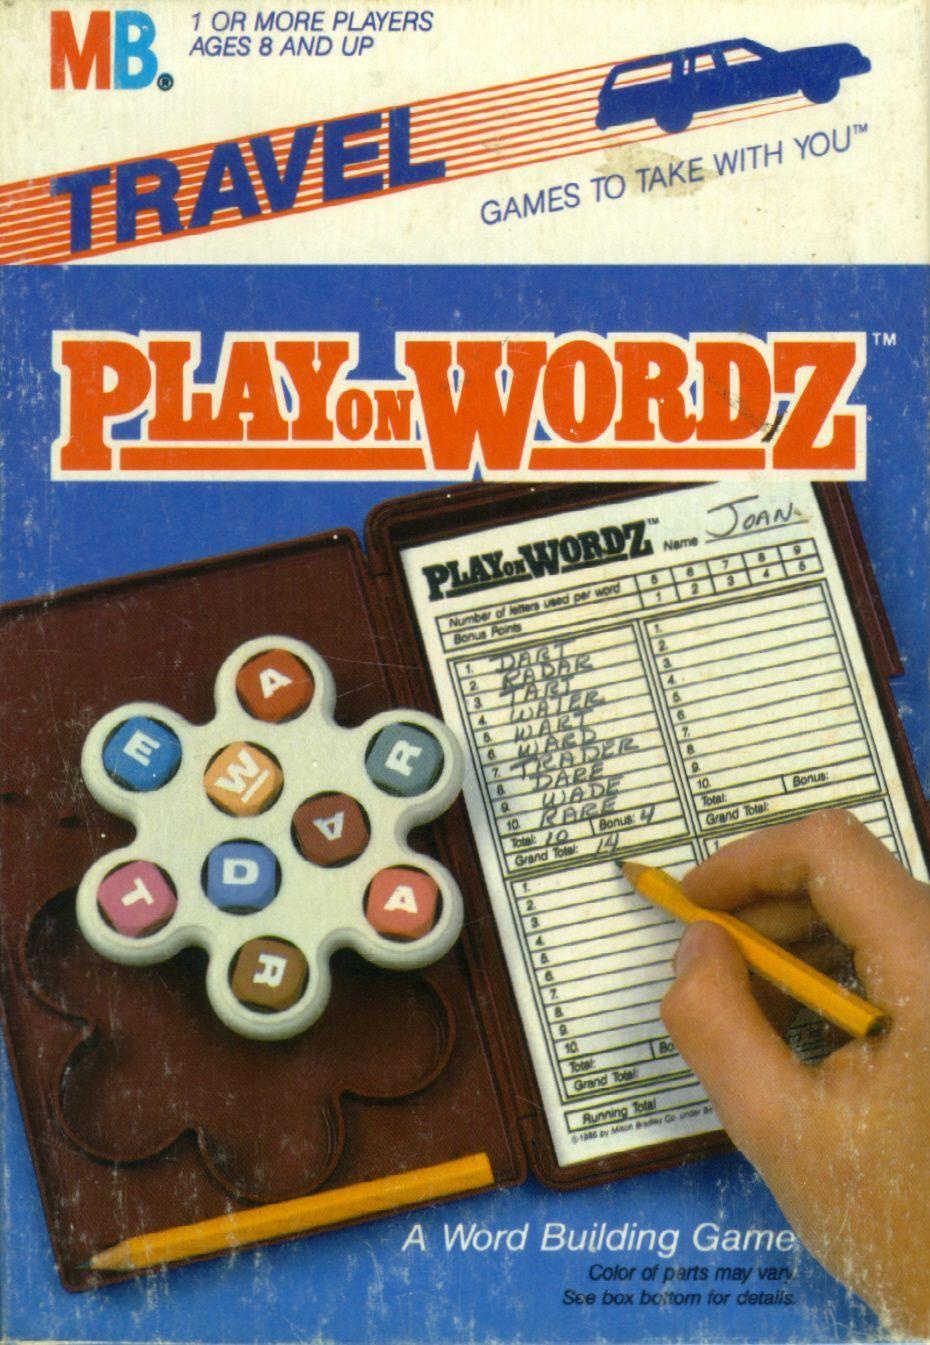 Play on Wordz